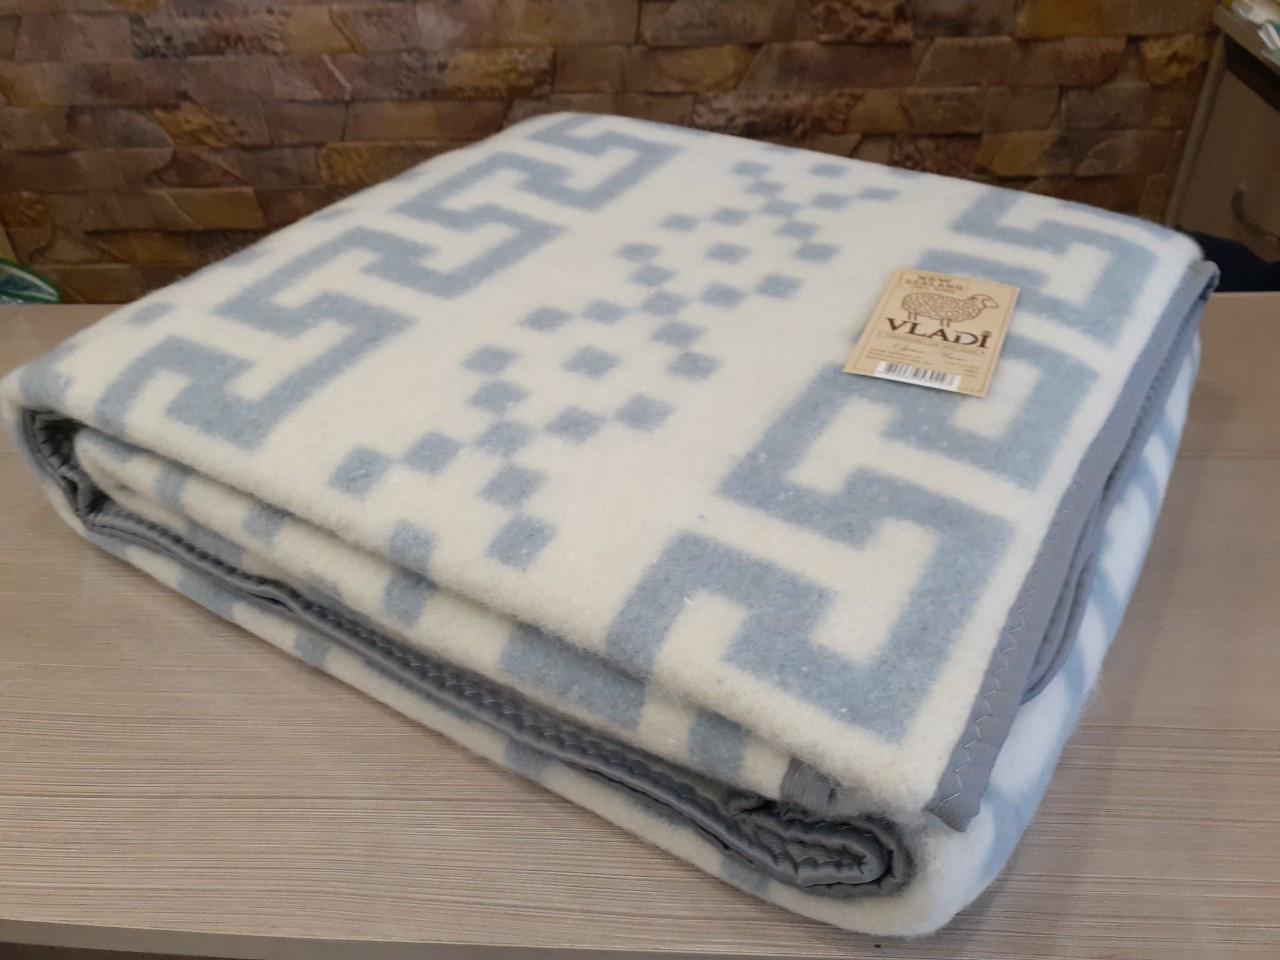 Одеяло шерстяное жаккардовое классической коллекции Vladi Чили